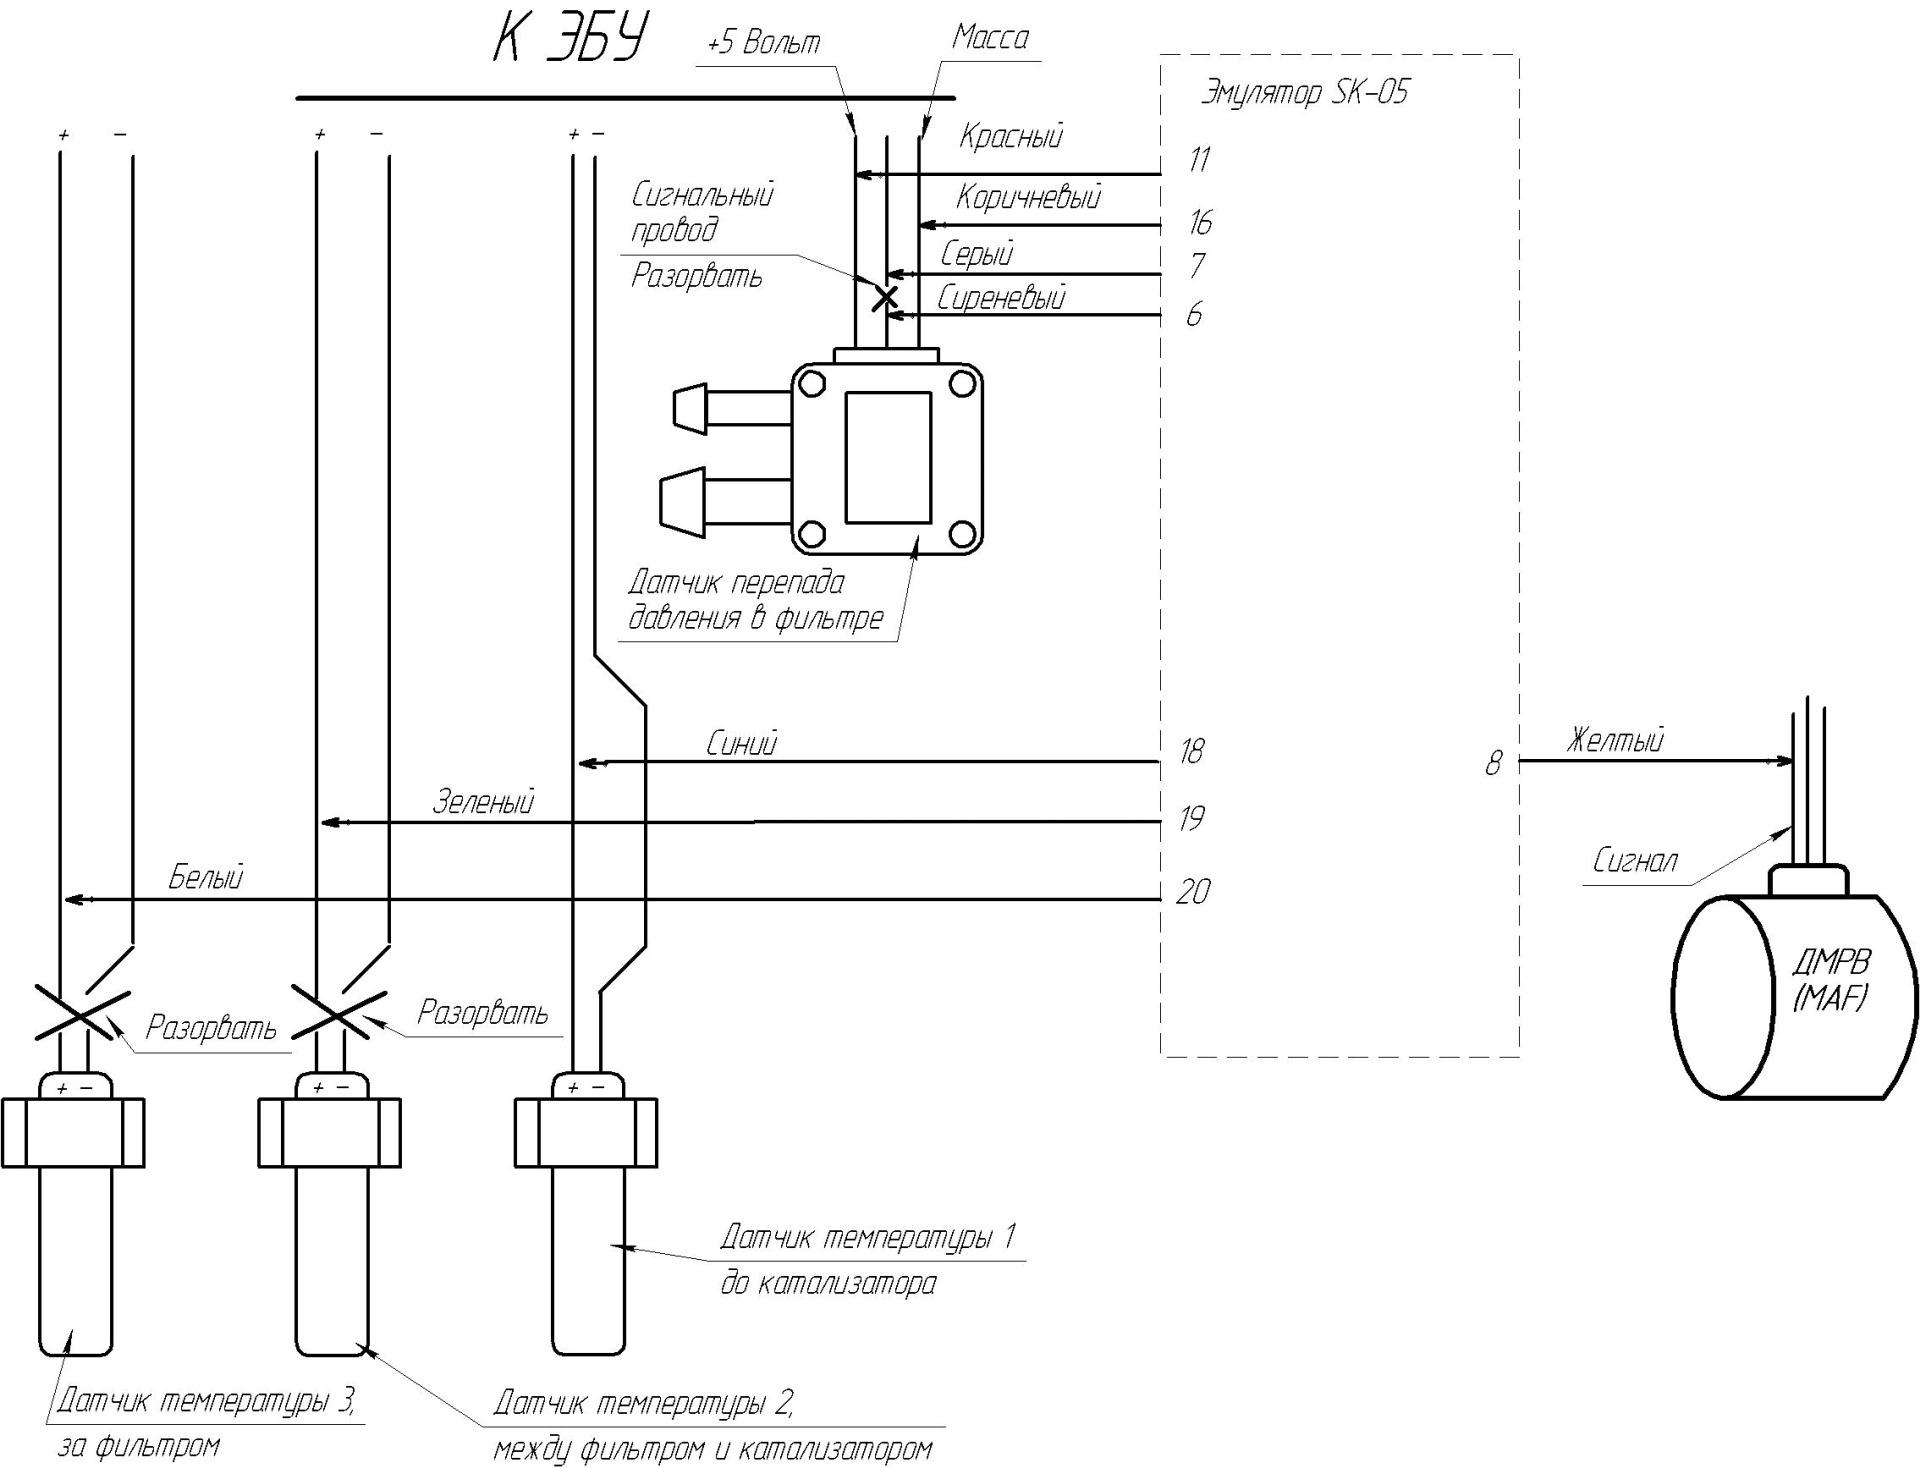 Схема подключения эмулятора SK-05 с 3-мя датчиками температуры